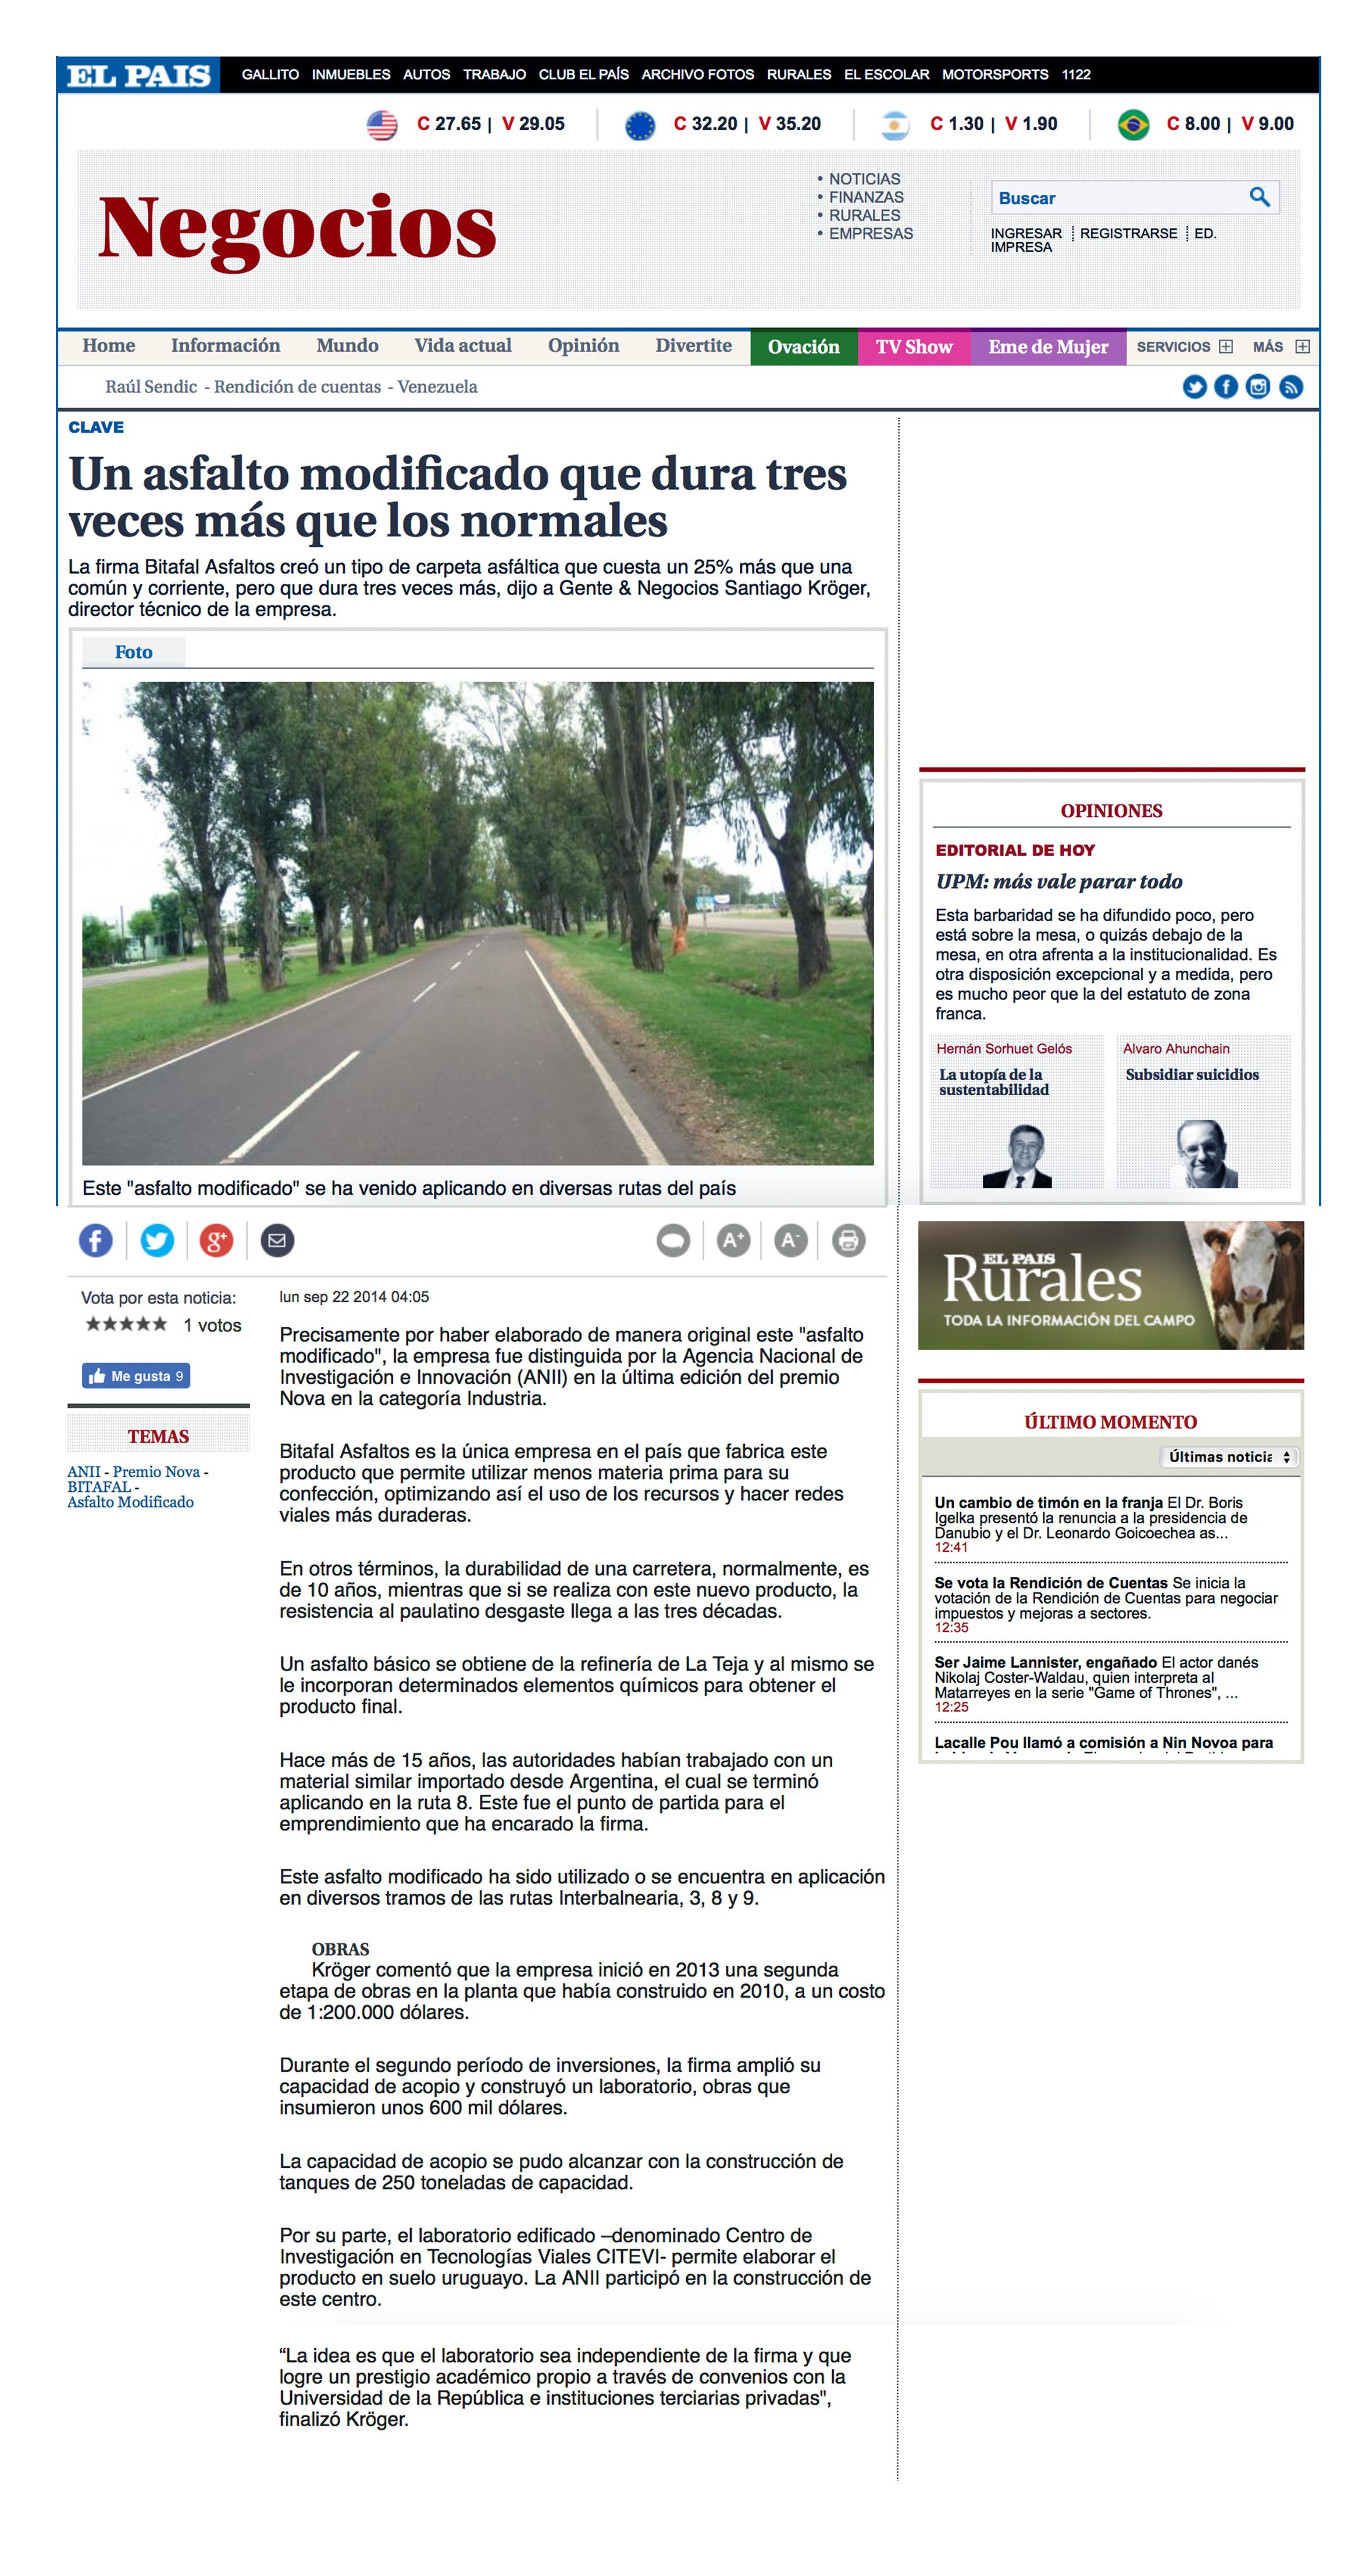 Un asfalto modificado que dura tres veces más que los normales